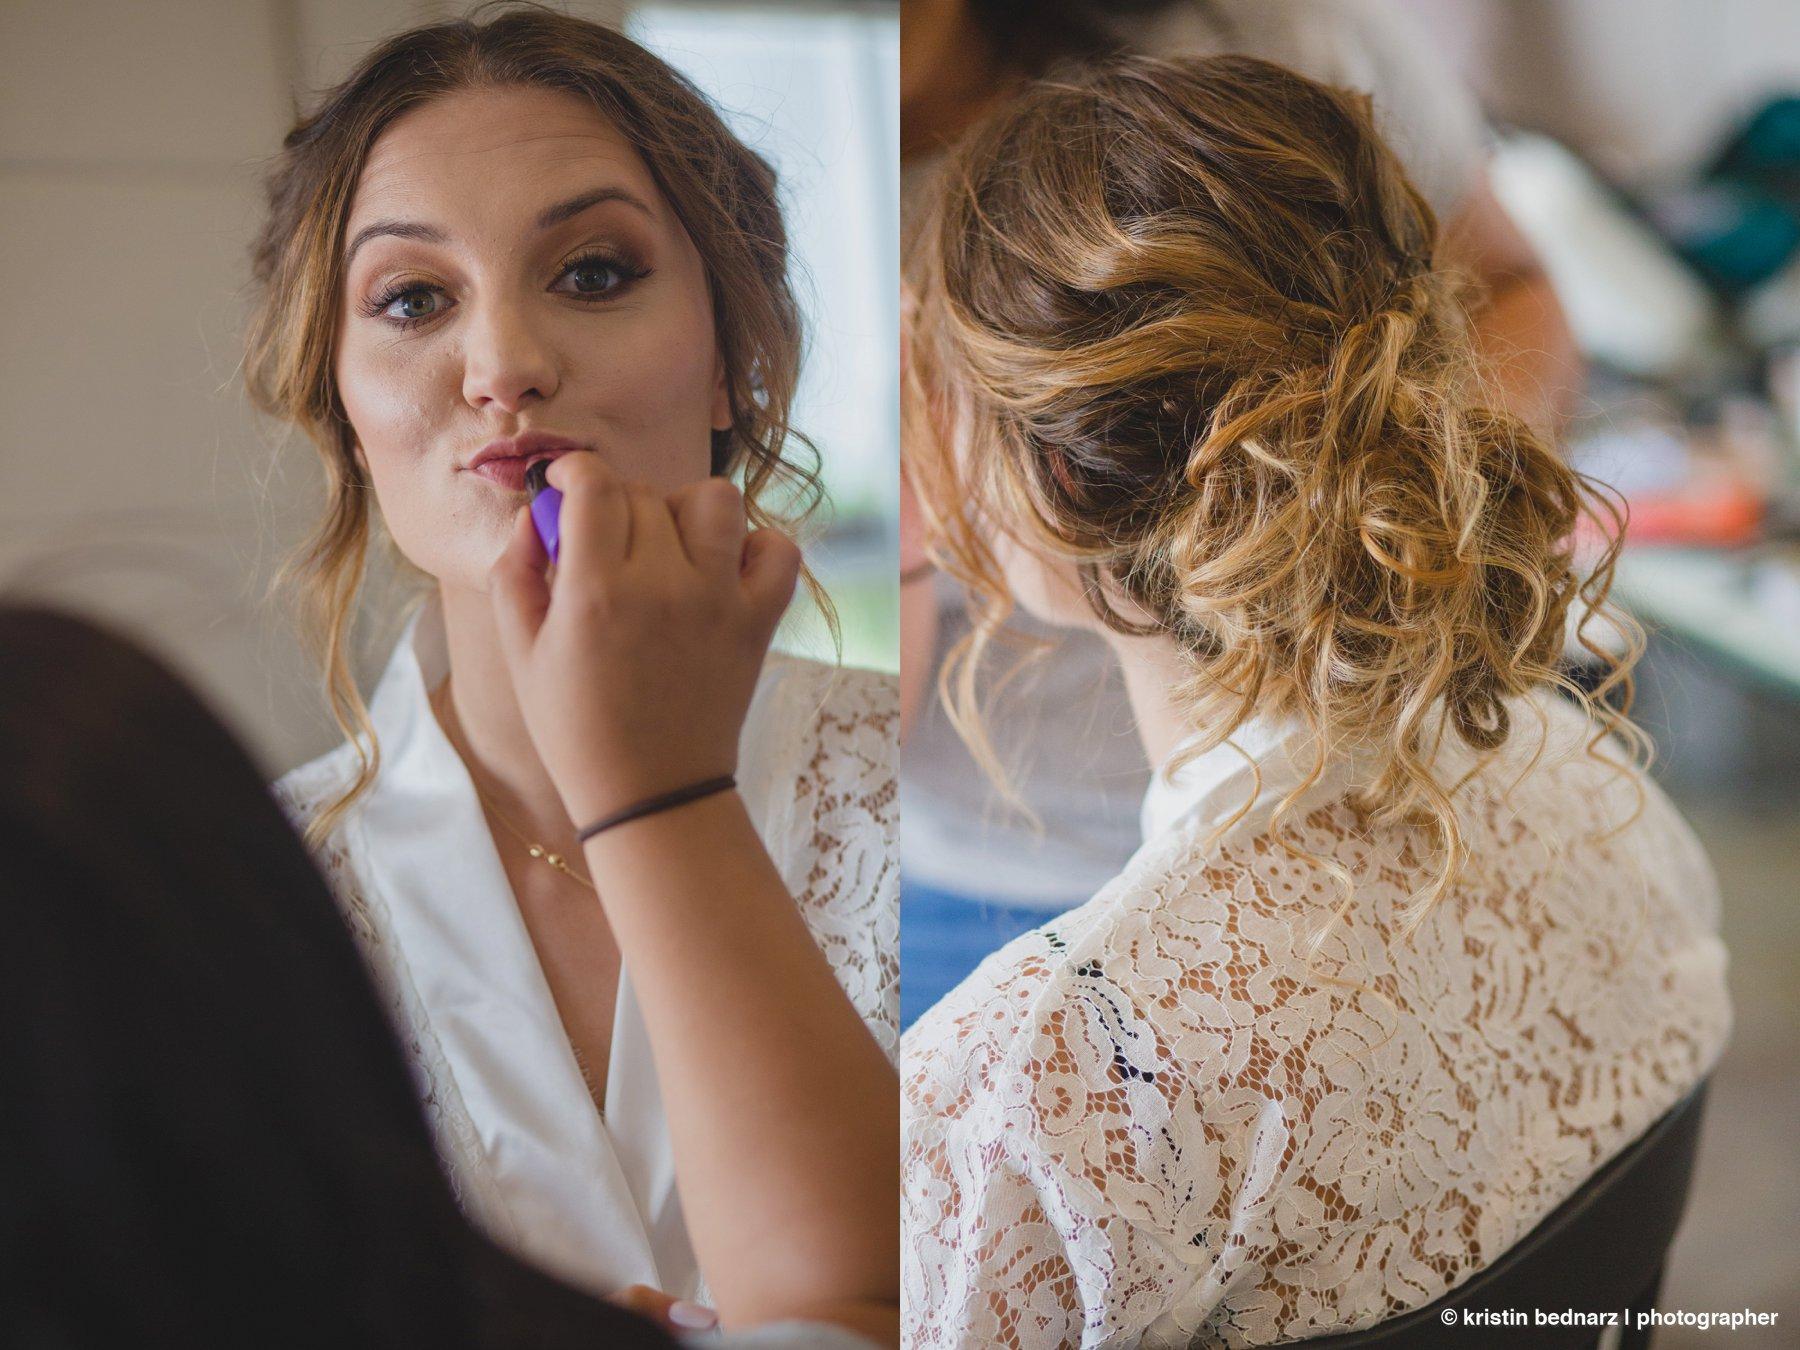 Krisitin_Bednarz_Lubbock_Wedding_Photographer_20180602_0022.JPG